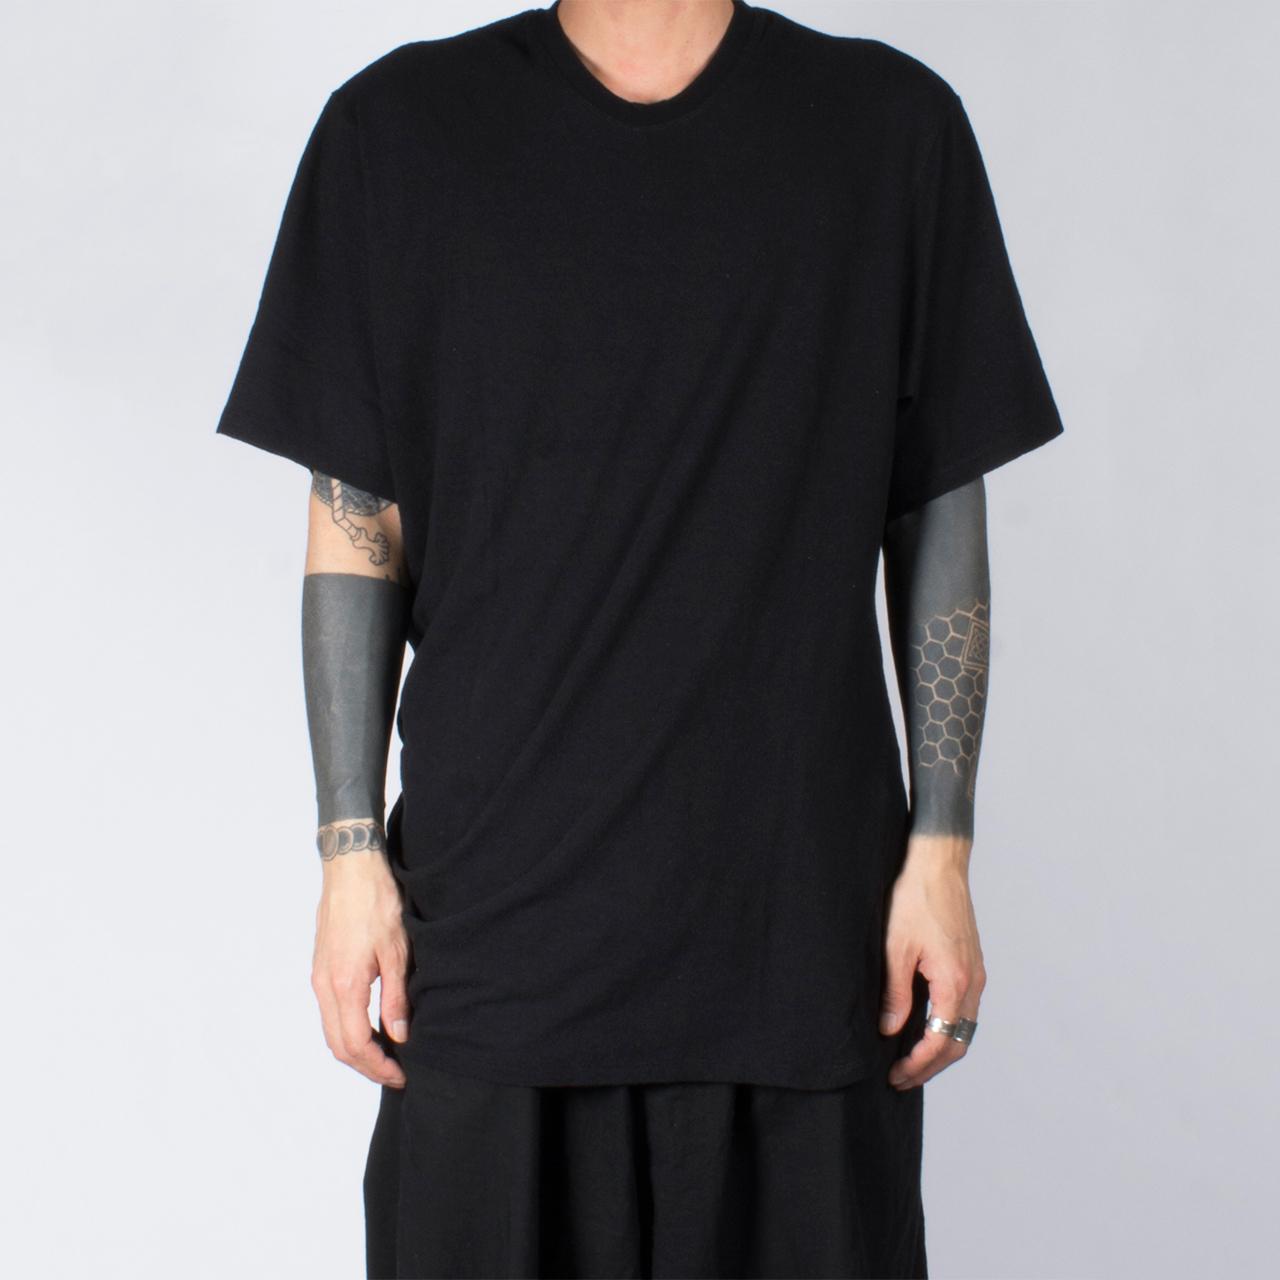 697CUM10-BLACK / サイドドレープ Tシャツ